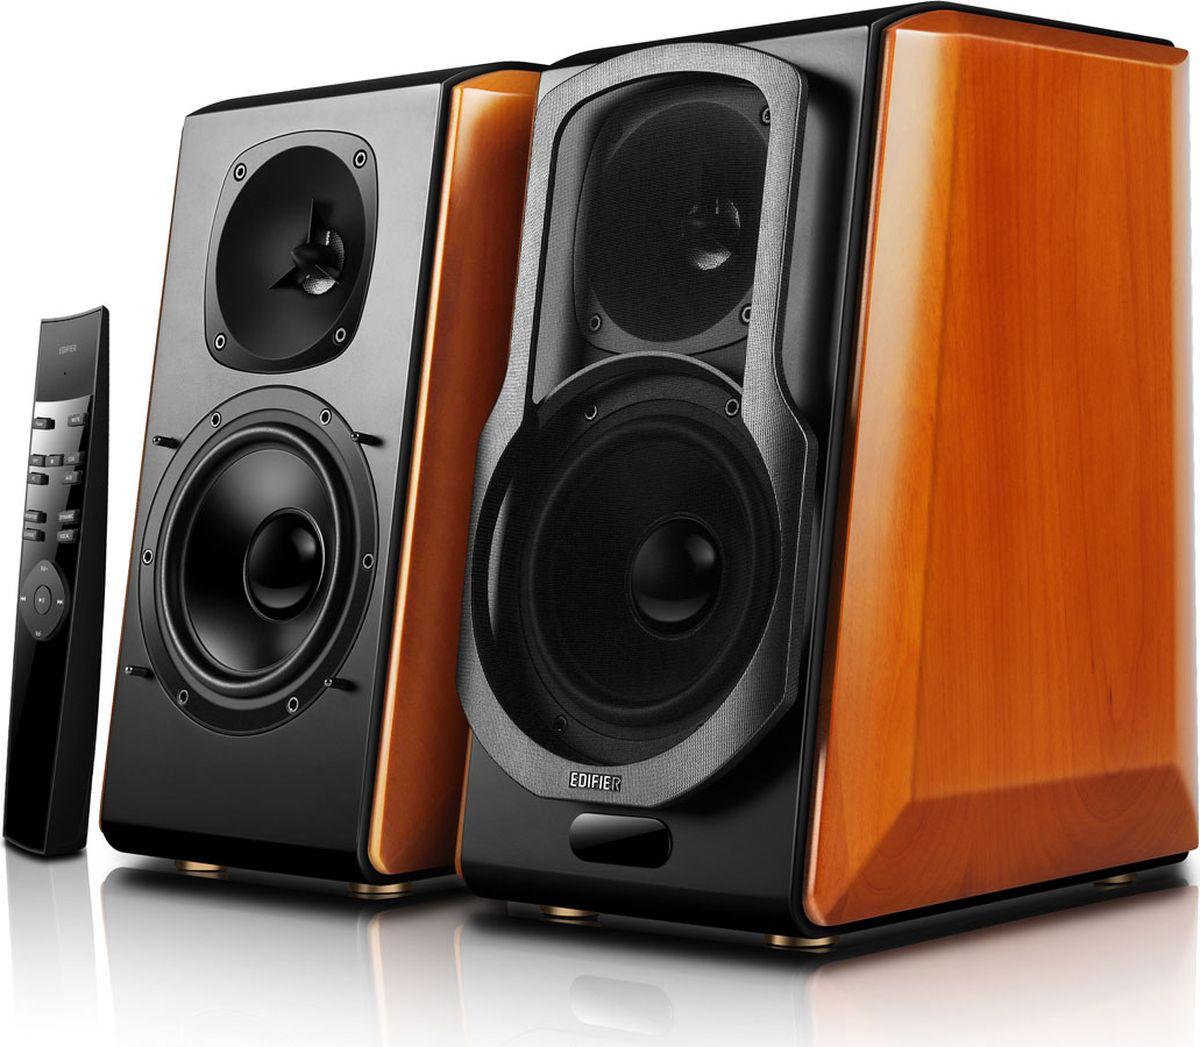 Edifier S2000 Pro акустическая система - Колонки для компьютера